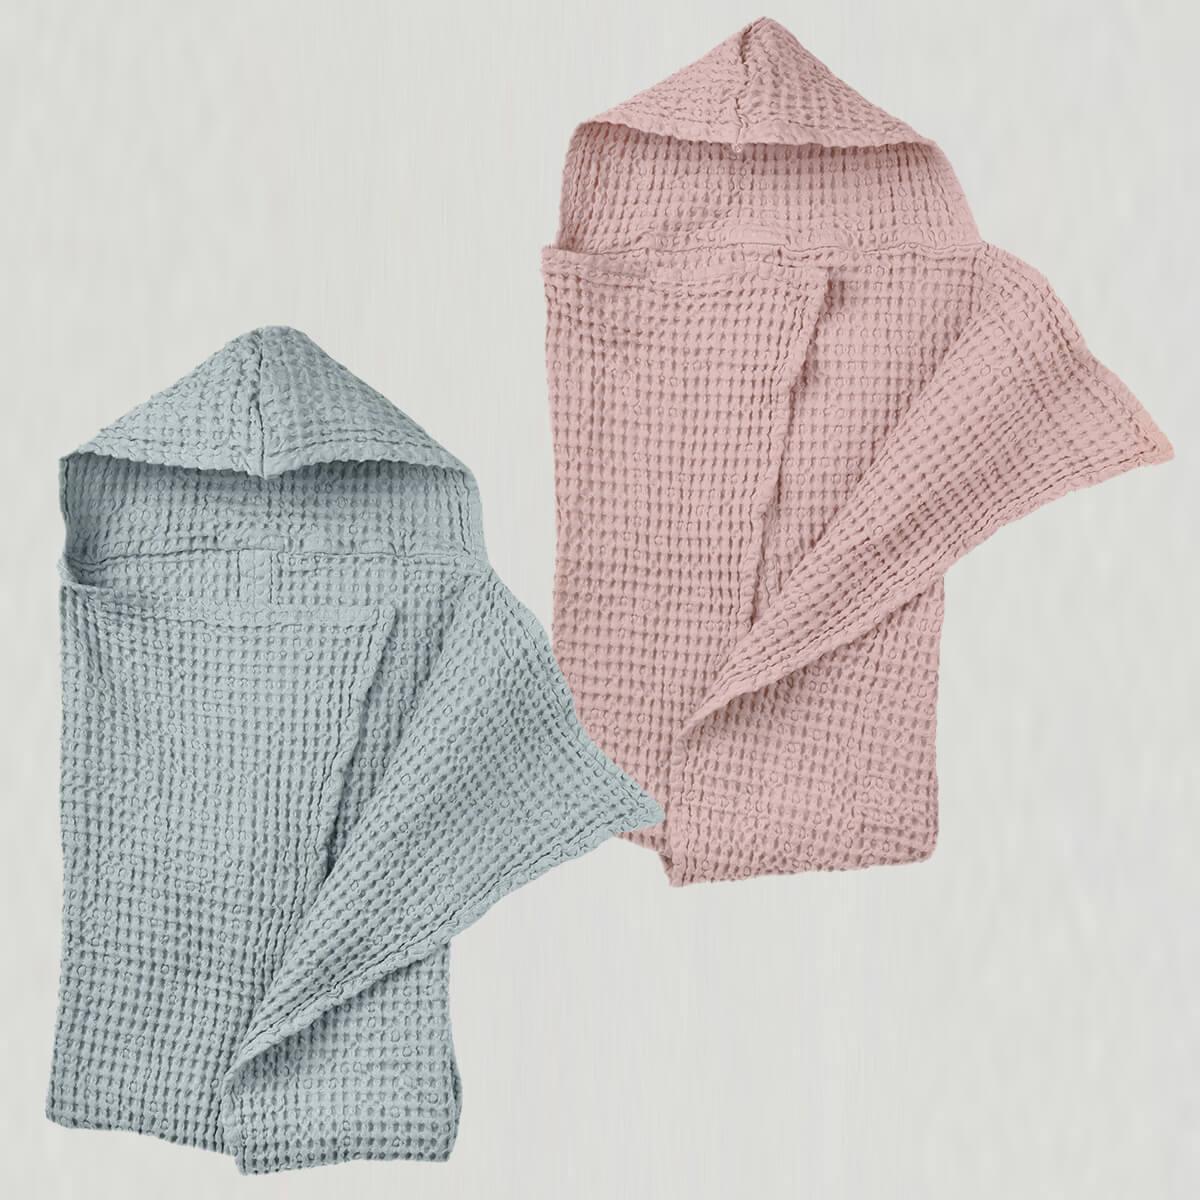 baby badehåndklæde i flere farver